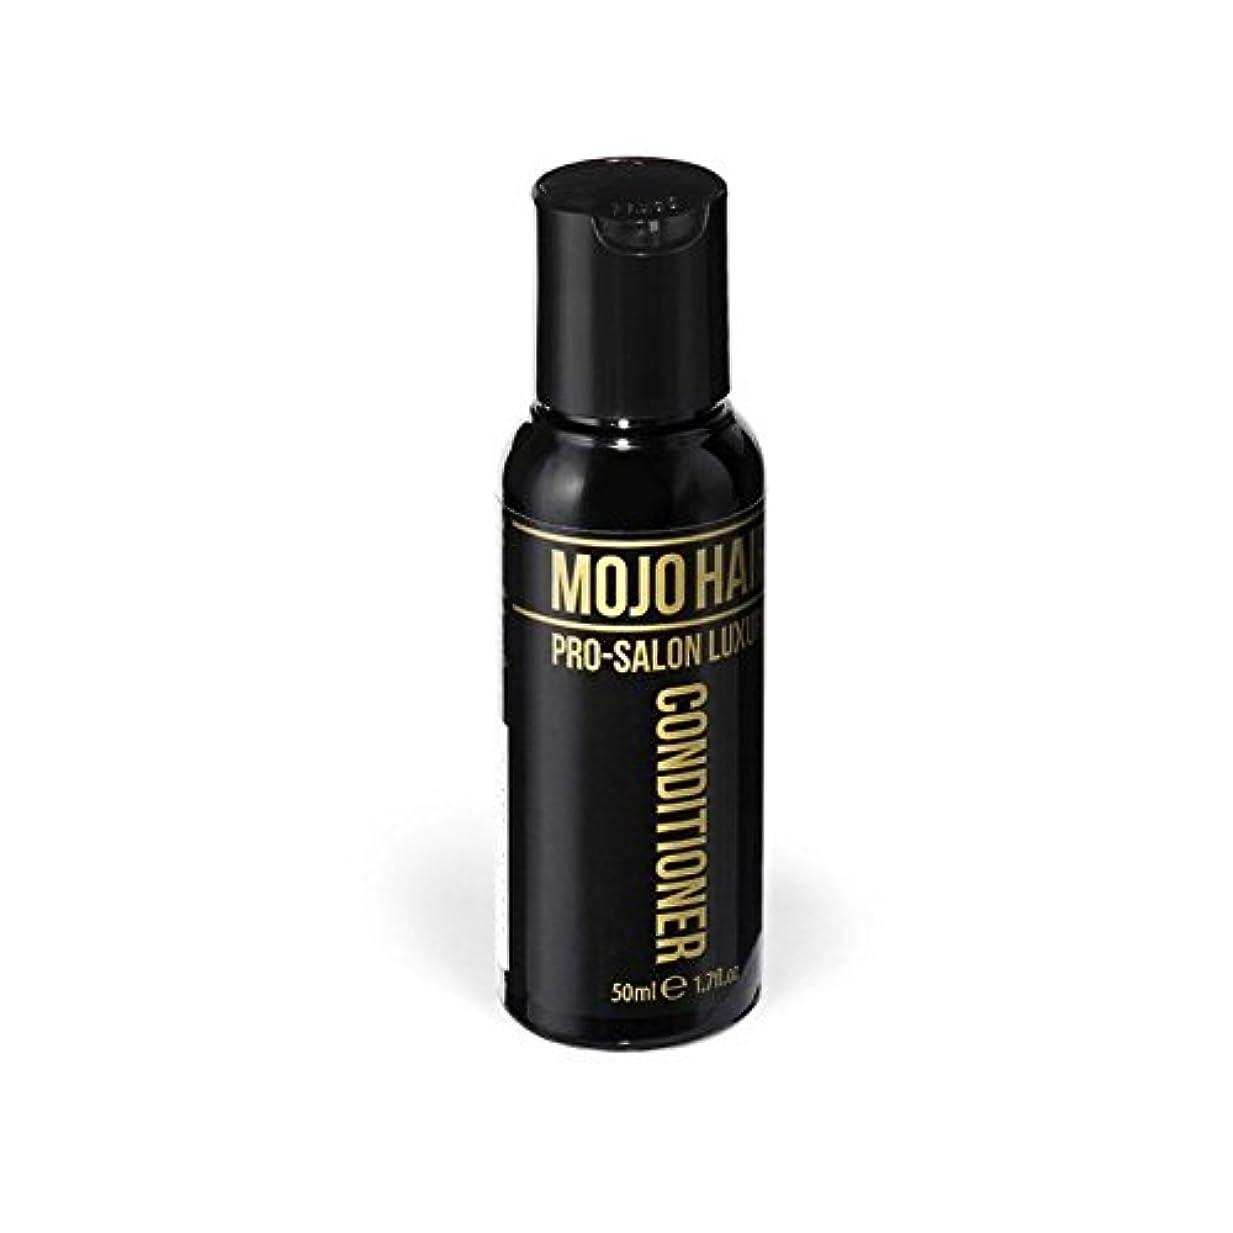 捧げる黒板弓Mojo Hair Pro-Salon Luxury Conditioner (50ml) - モジョの毛プロのサロンの贅沢なコンディショナー(50ミリリットル) [並行輸入品]